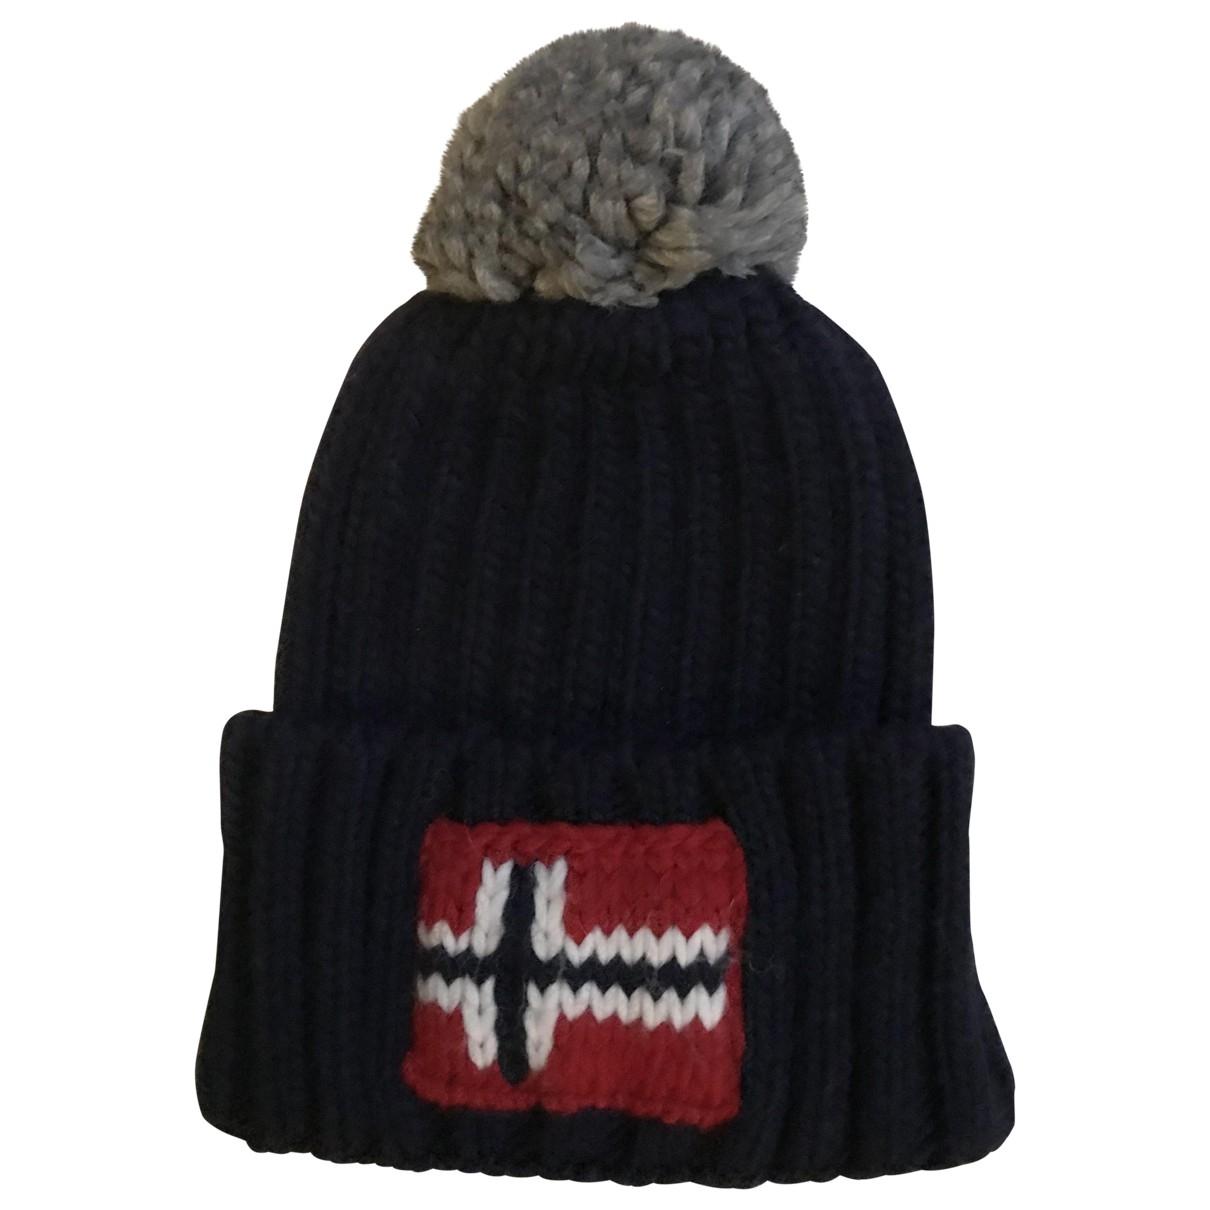 Napapijri - Chapeau & Bonnets   pour homme en laine - bleu